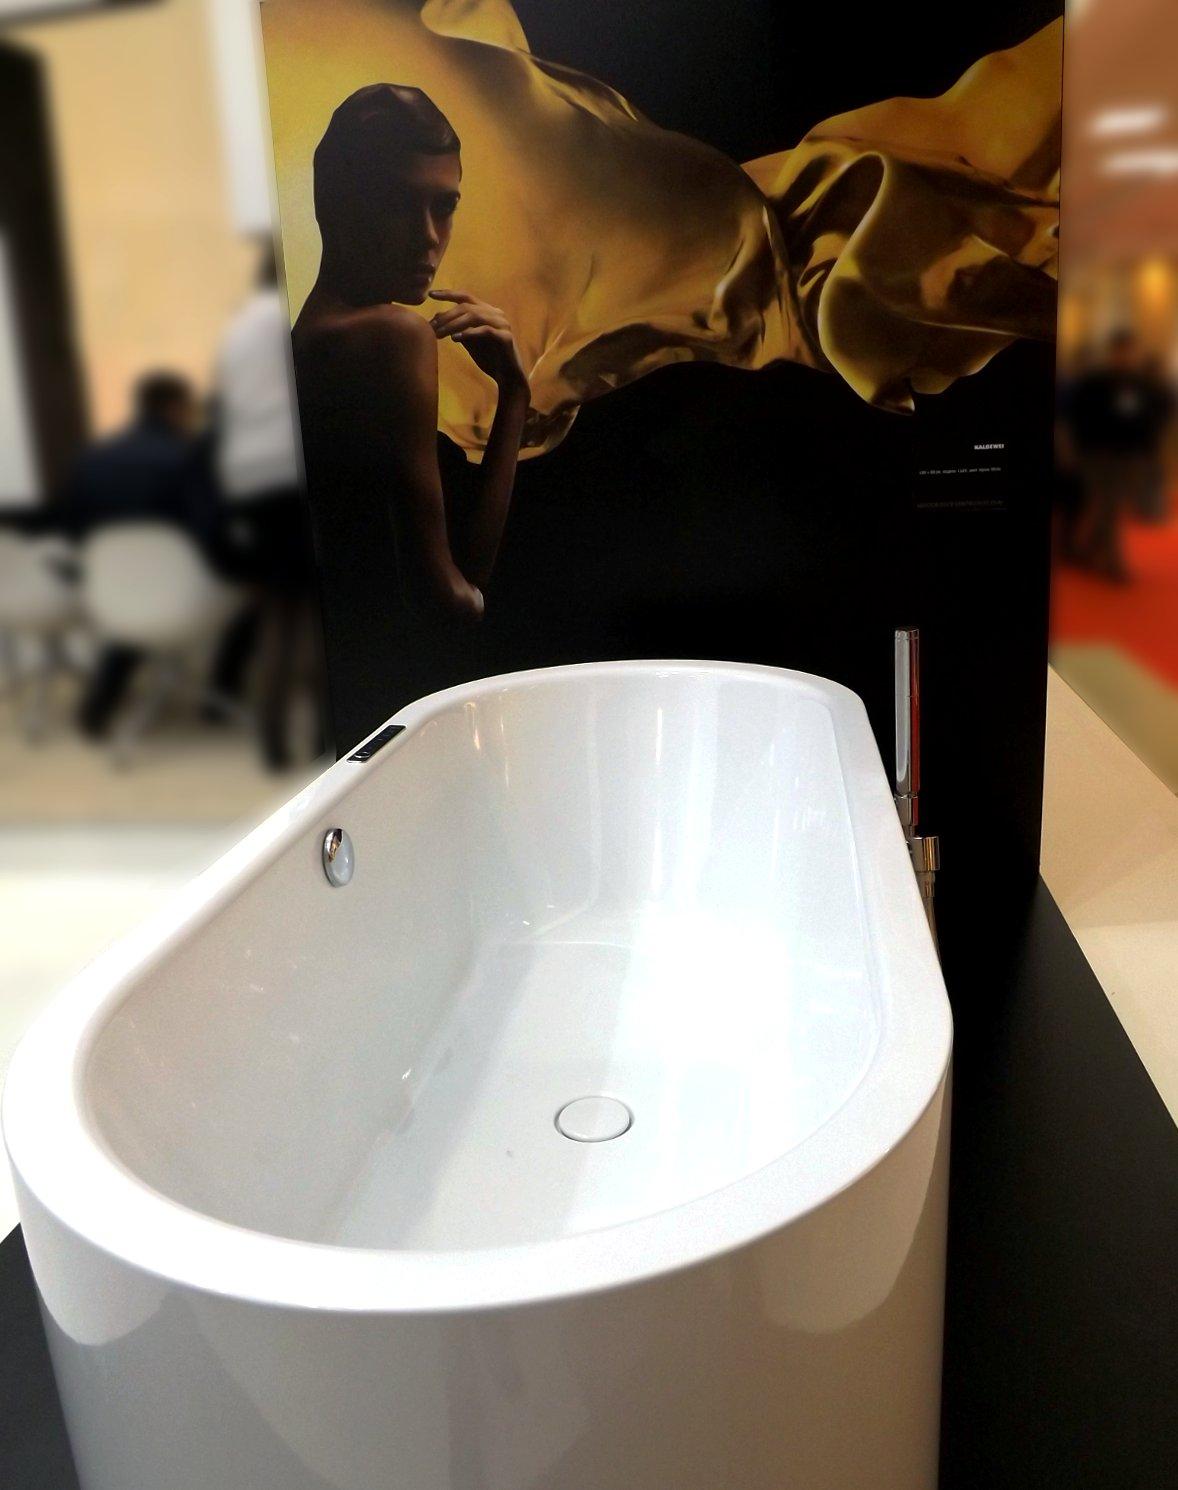 Демонстрация ванны Kaldewei на выставке МосБилд-2014